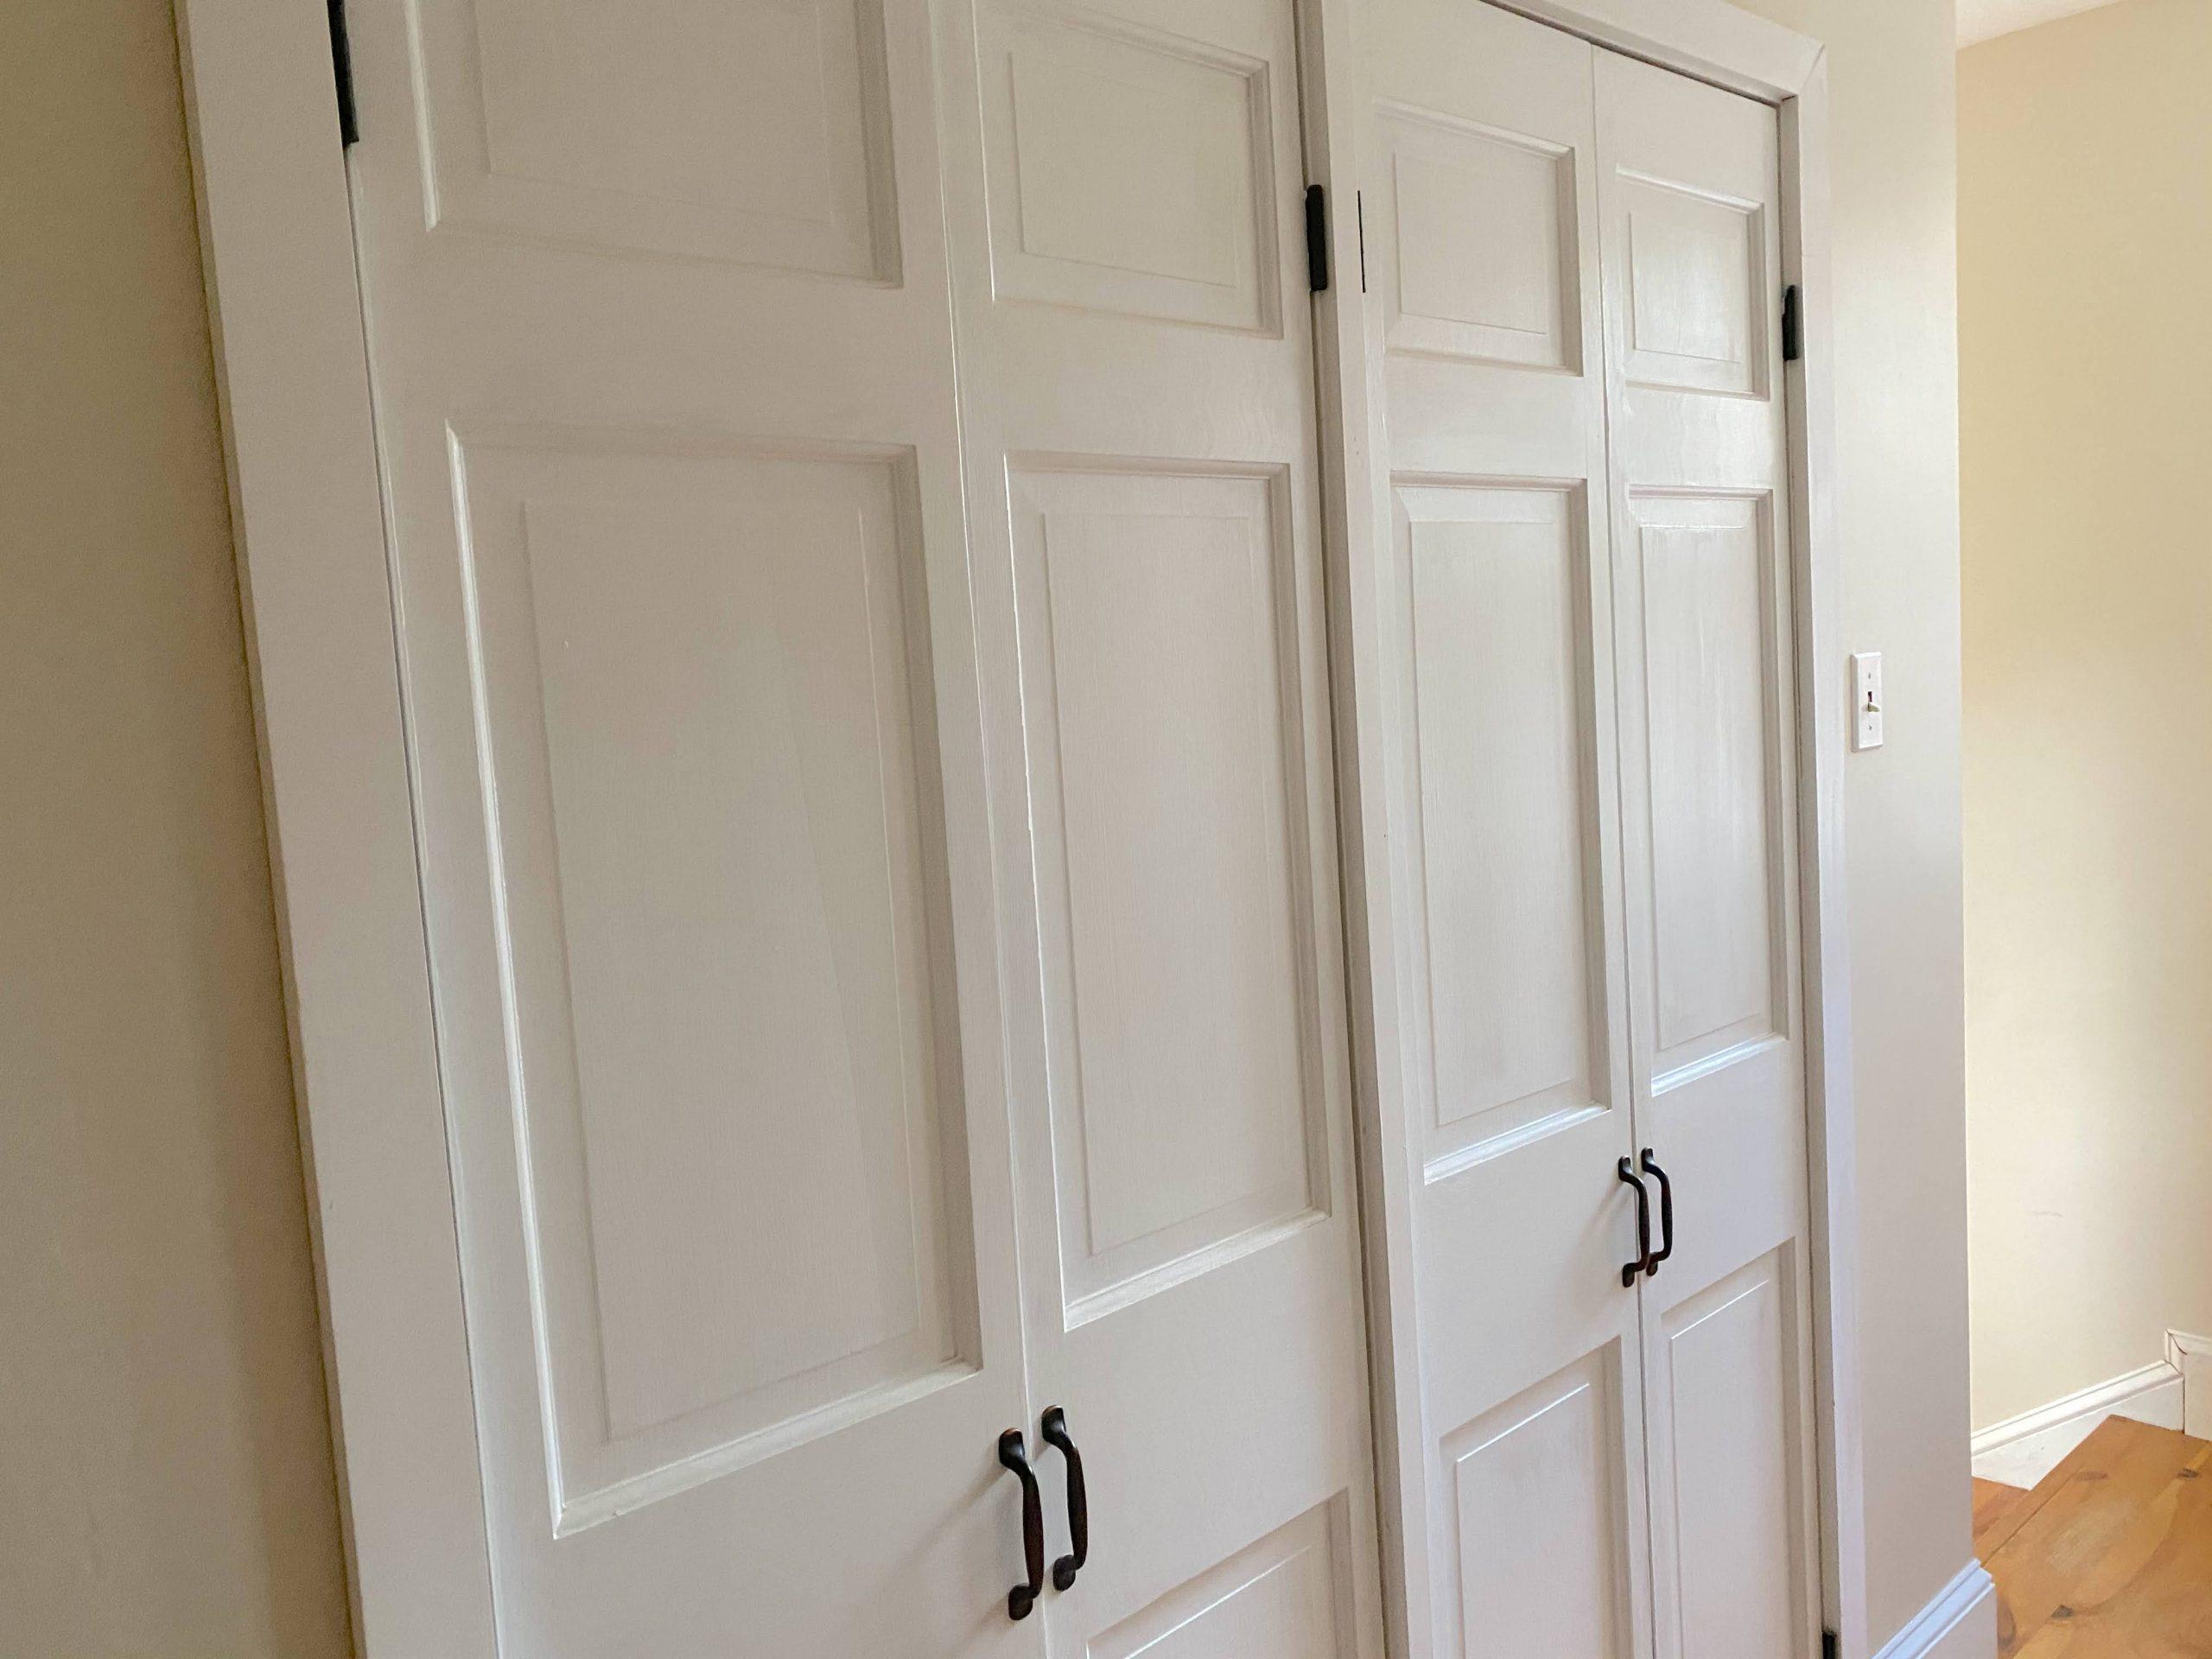 diy bi fold closet door makeover on a